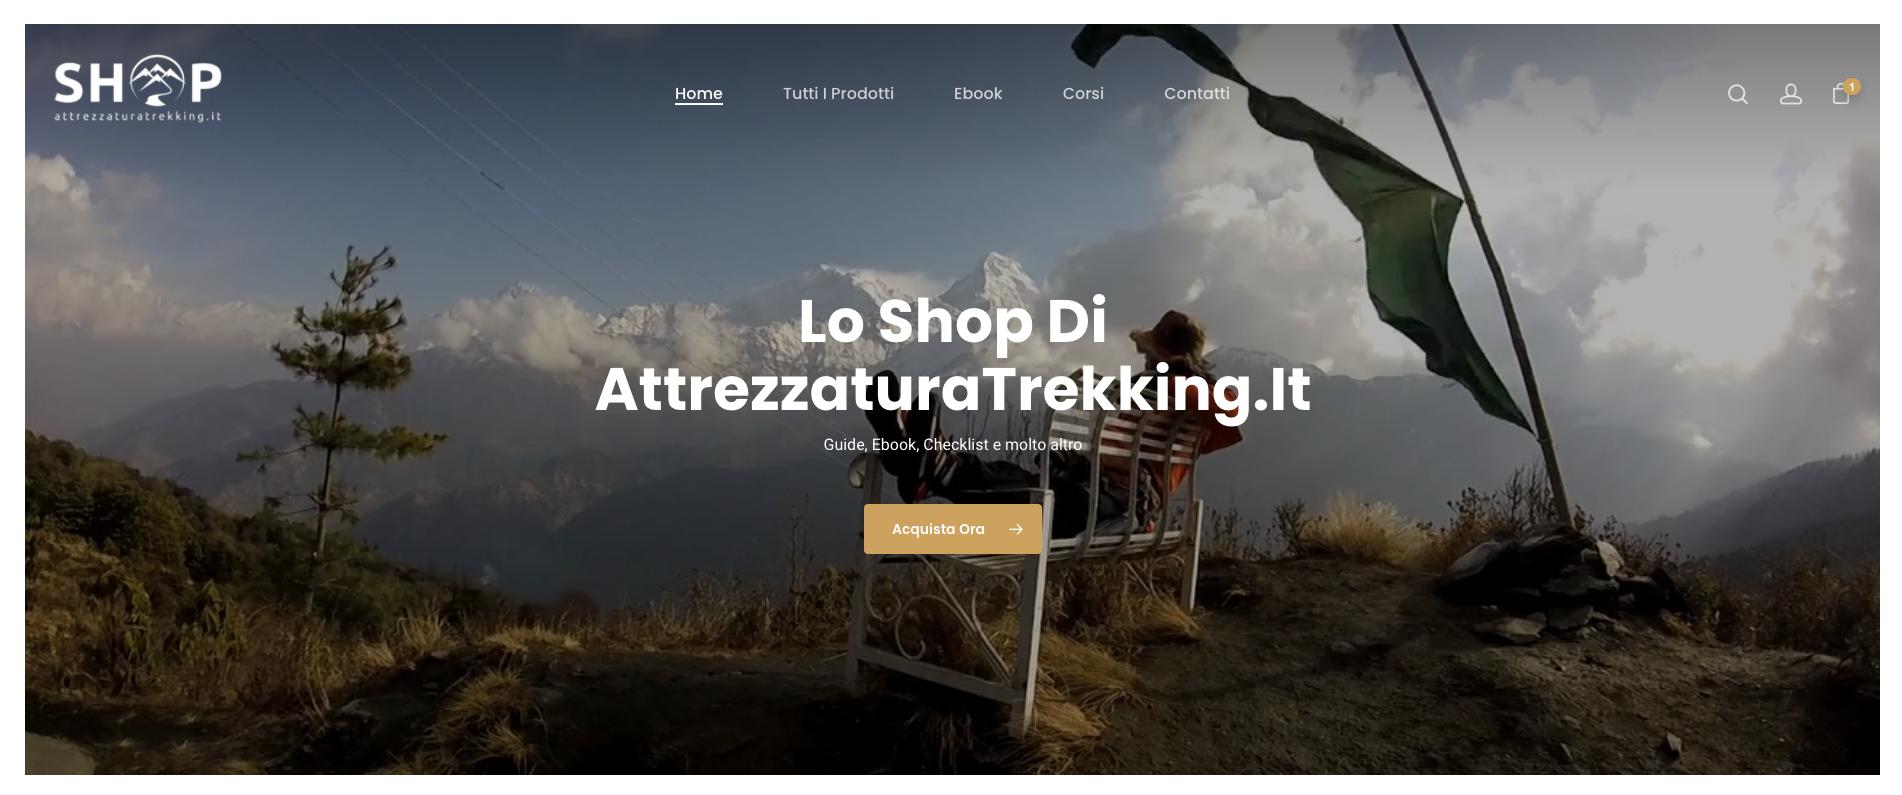 AttrezzaturaTrekking.it - Shop